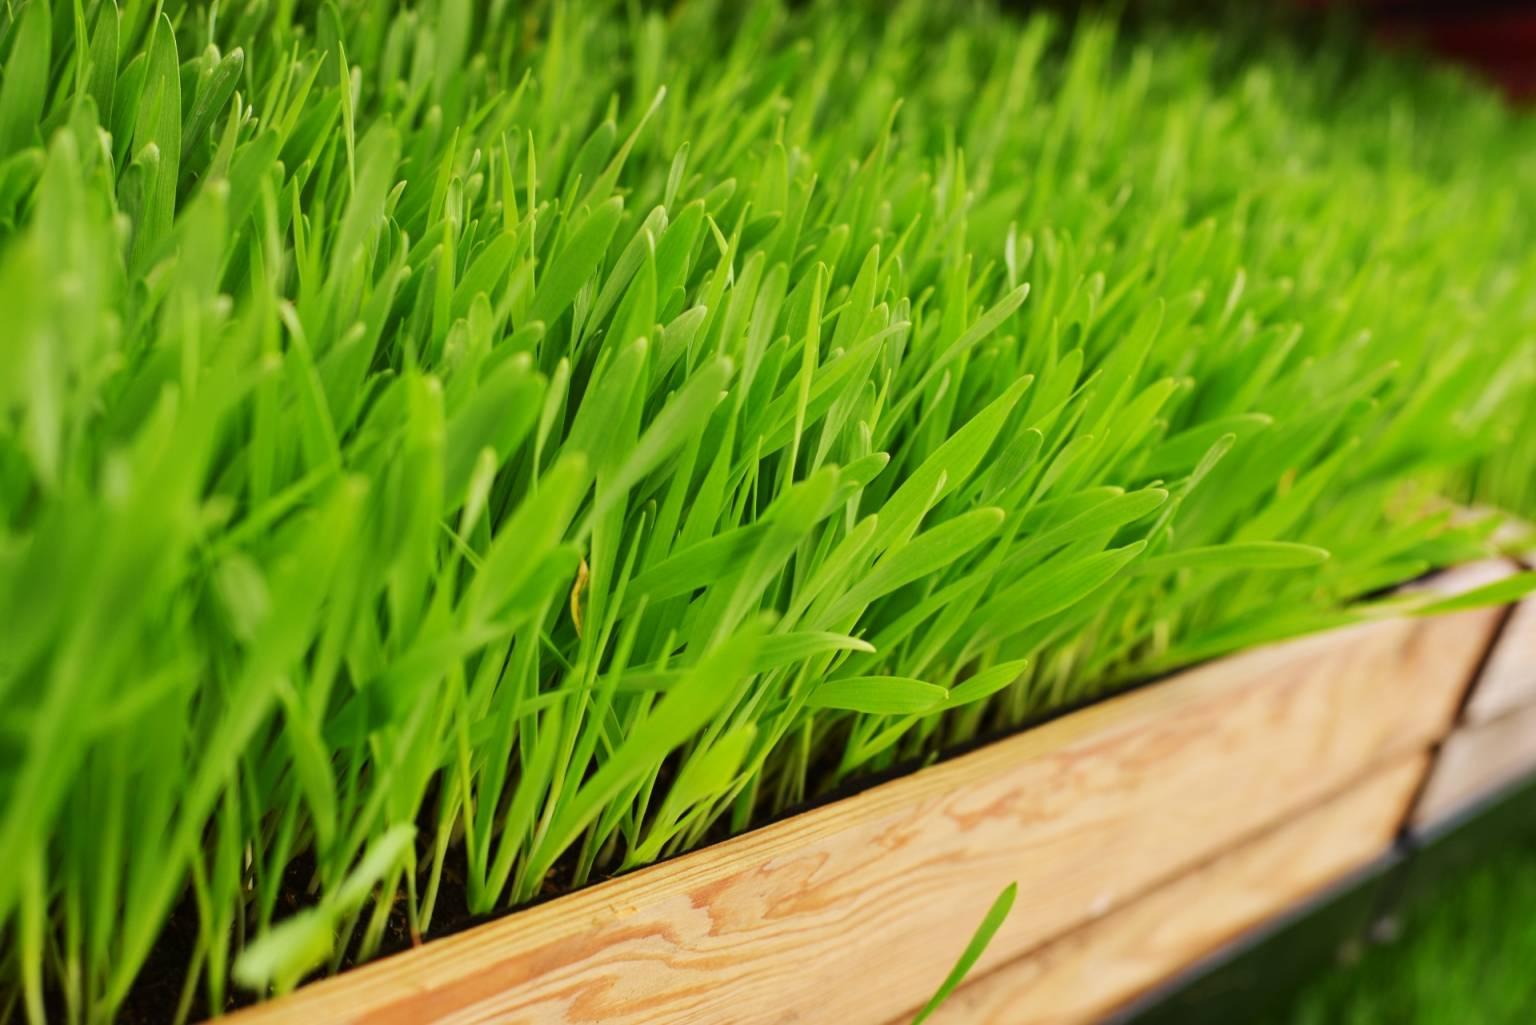 zielony jęczmień na odchudzanie efekty